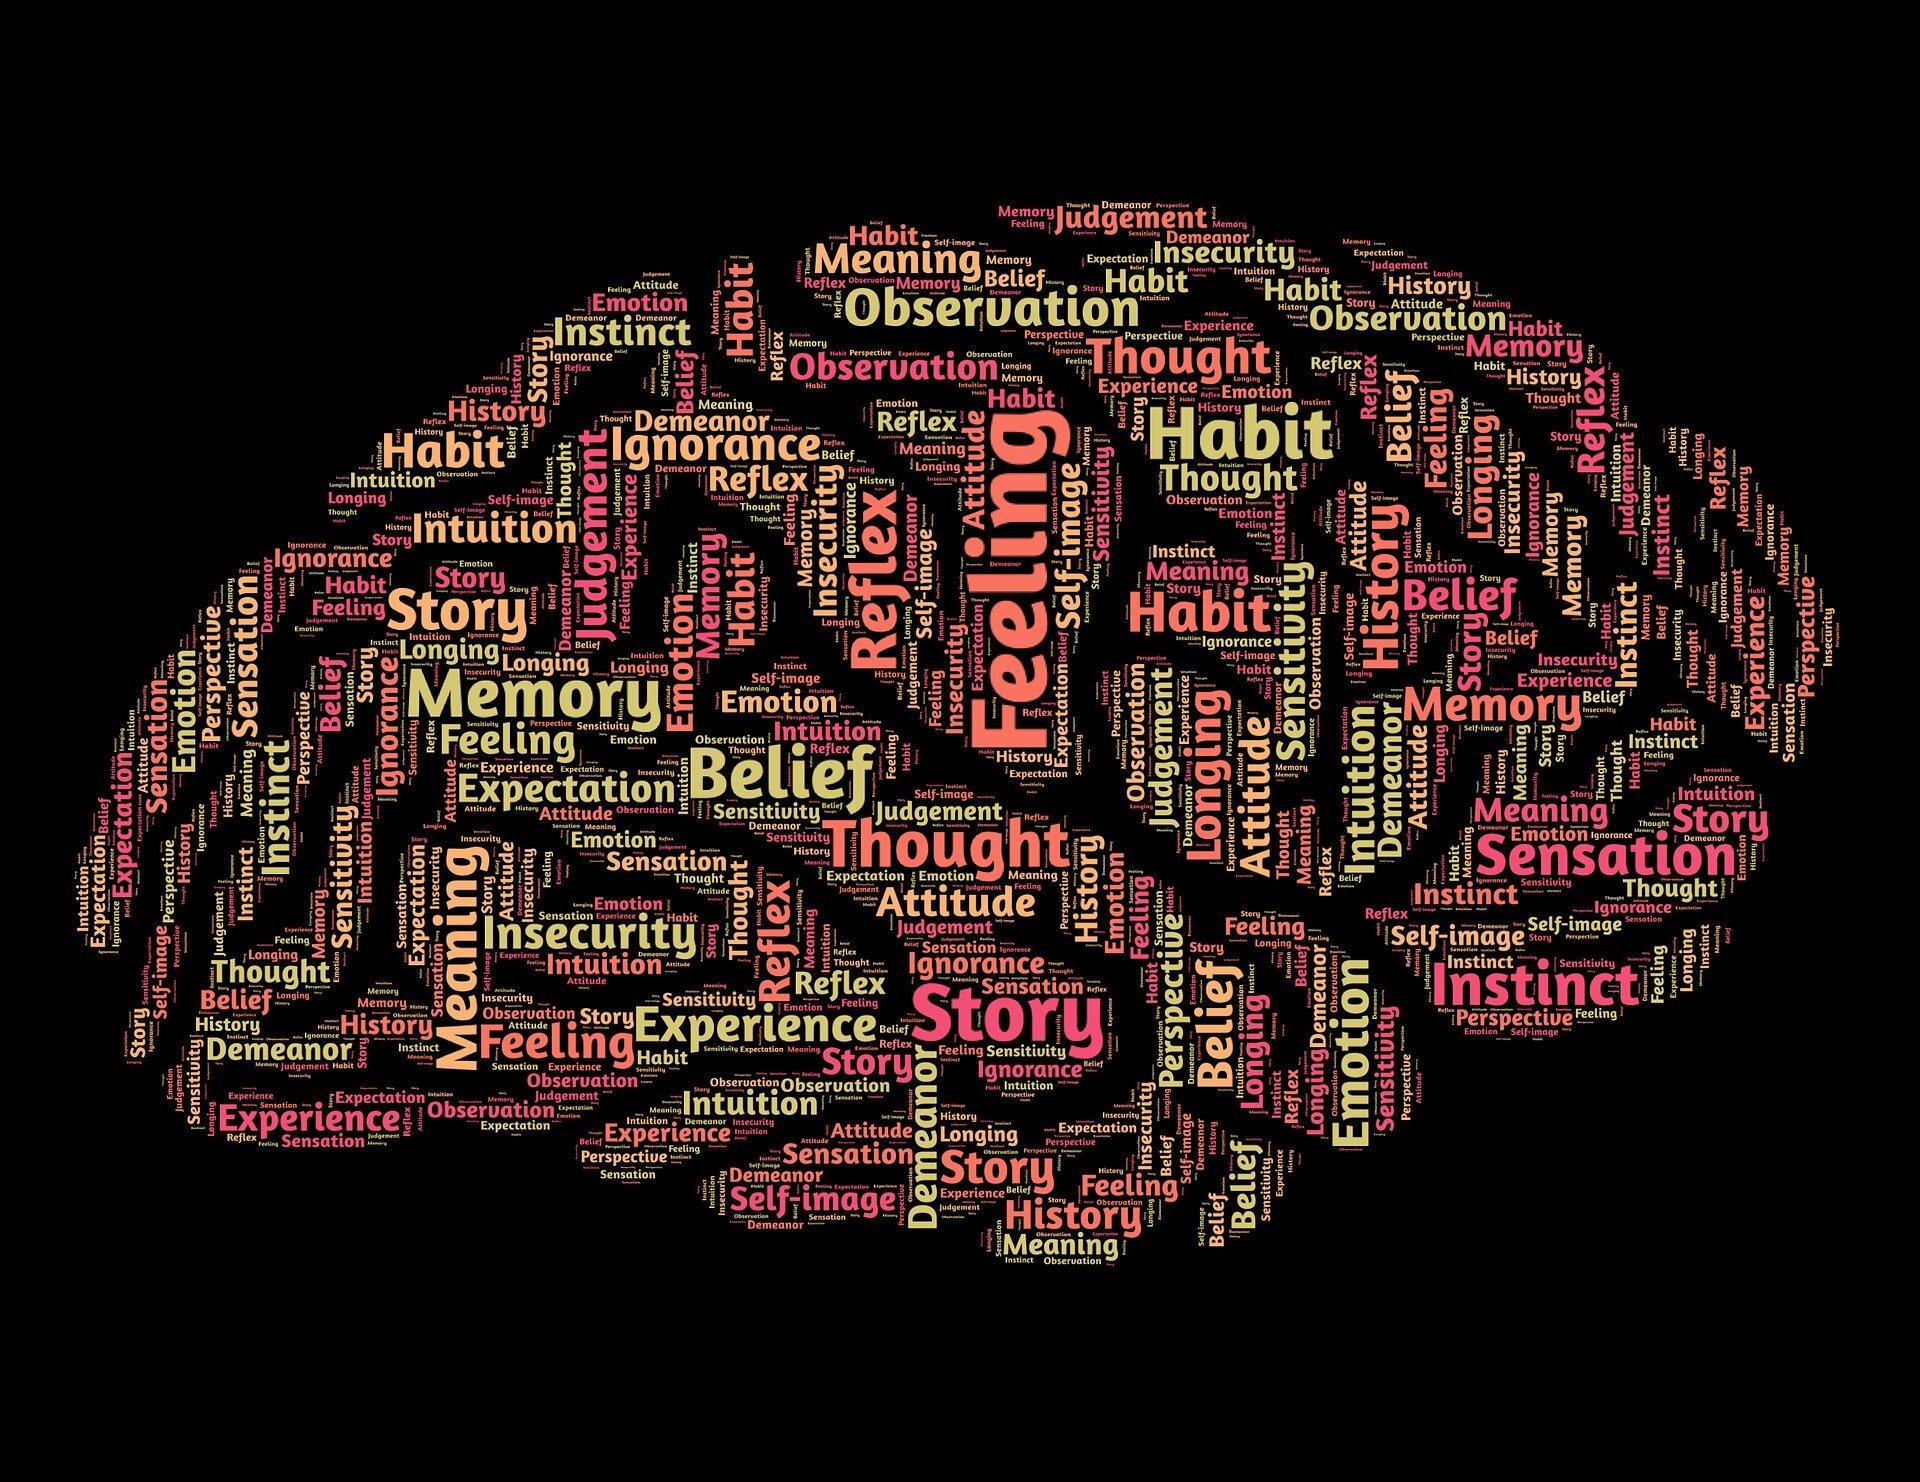 Neurowissenschaftler verfolgen Sie ein Gehirn-Schaltung-Filter, die unerwünschte sensorische input